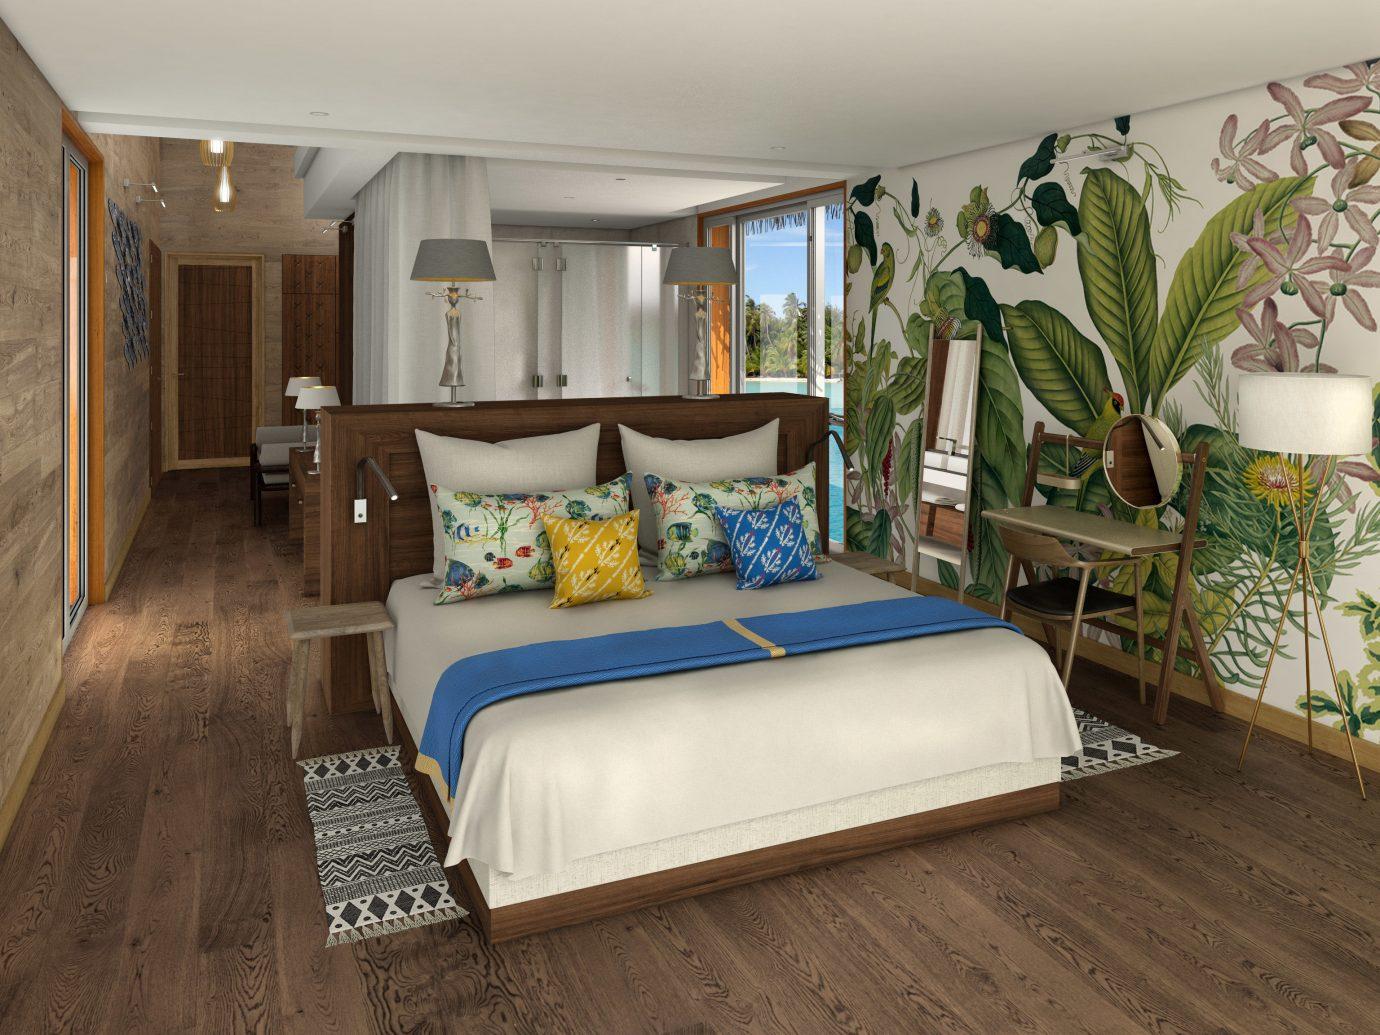 Hotels indoor floor wall room bed ceiling interior design Bedroom Suite bed frame real estate furniture interior designer decorated